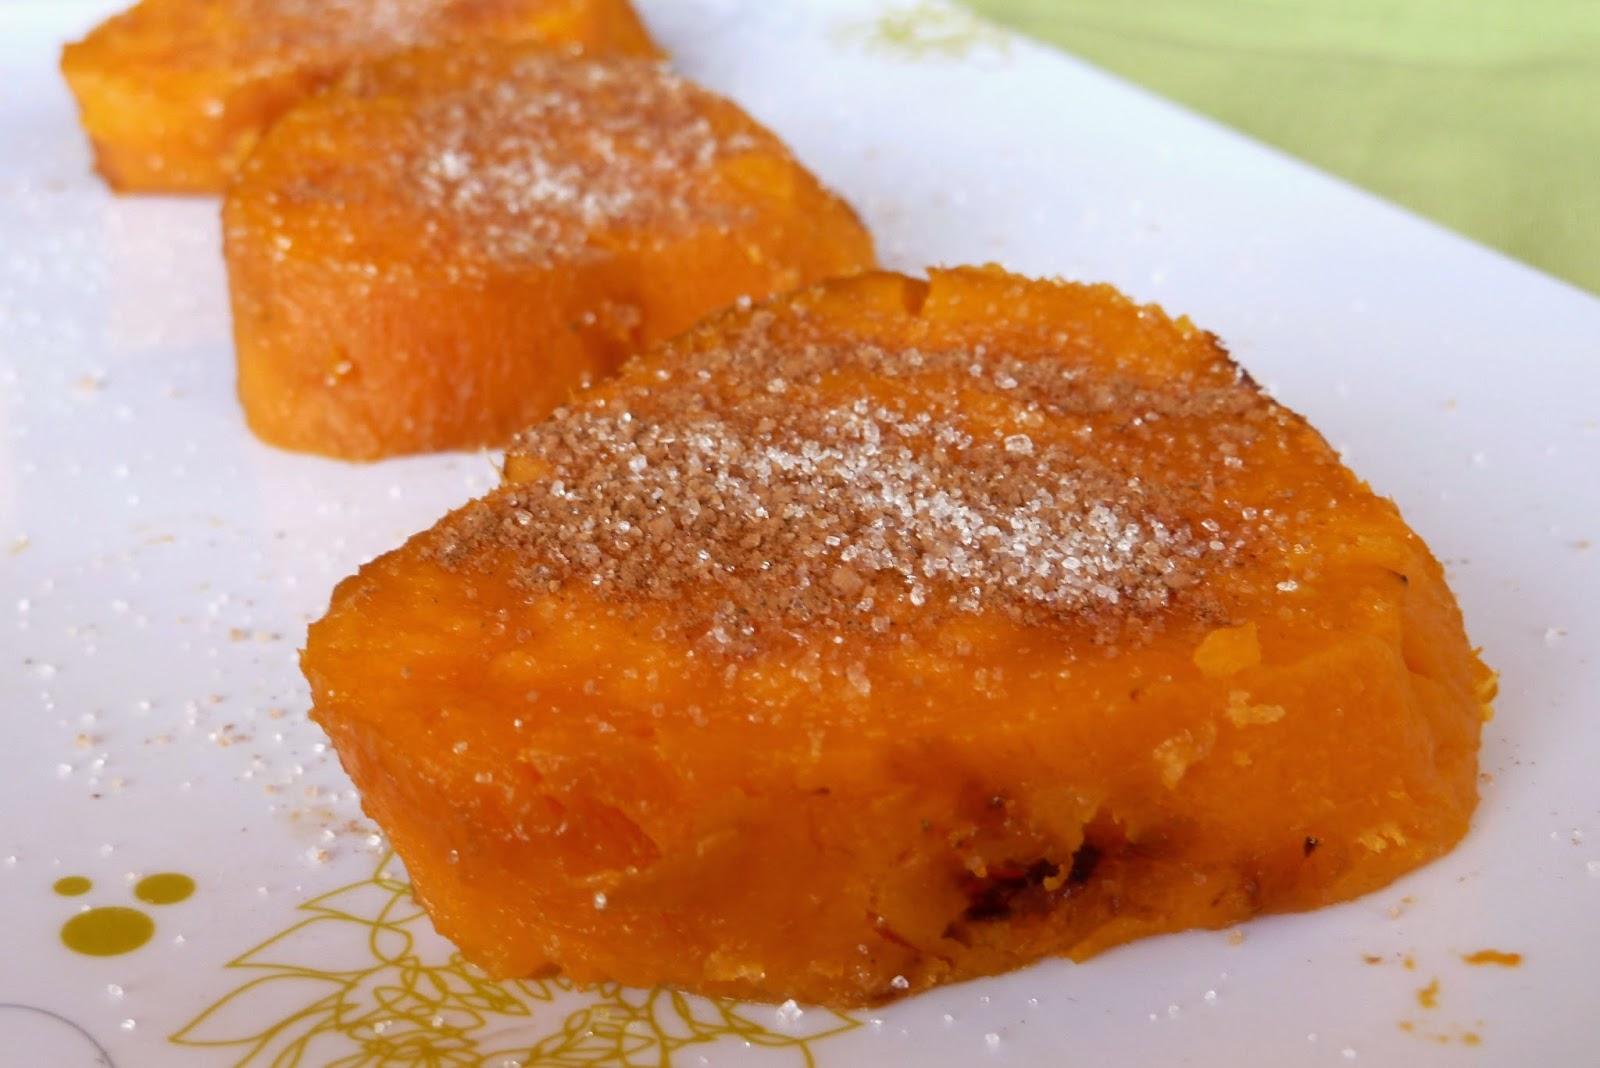 Amazing Boniatos Asados Con Canela Y Azúcar